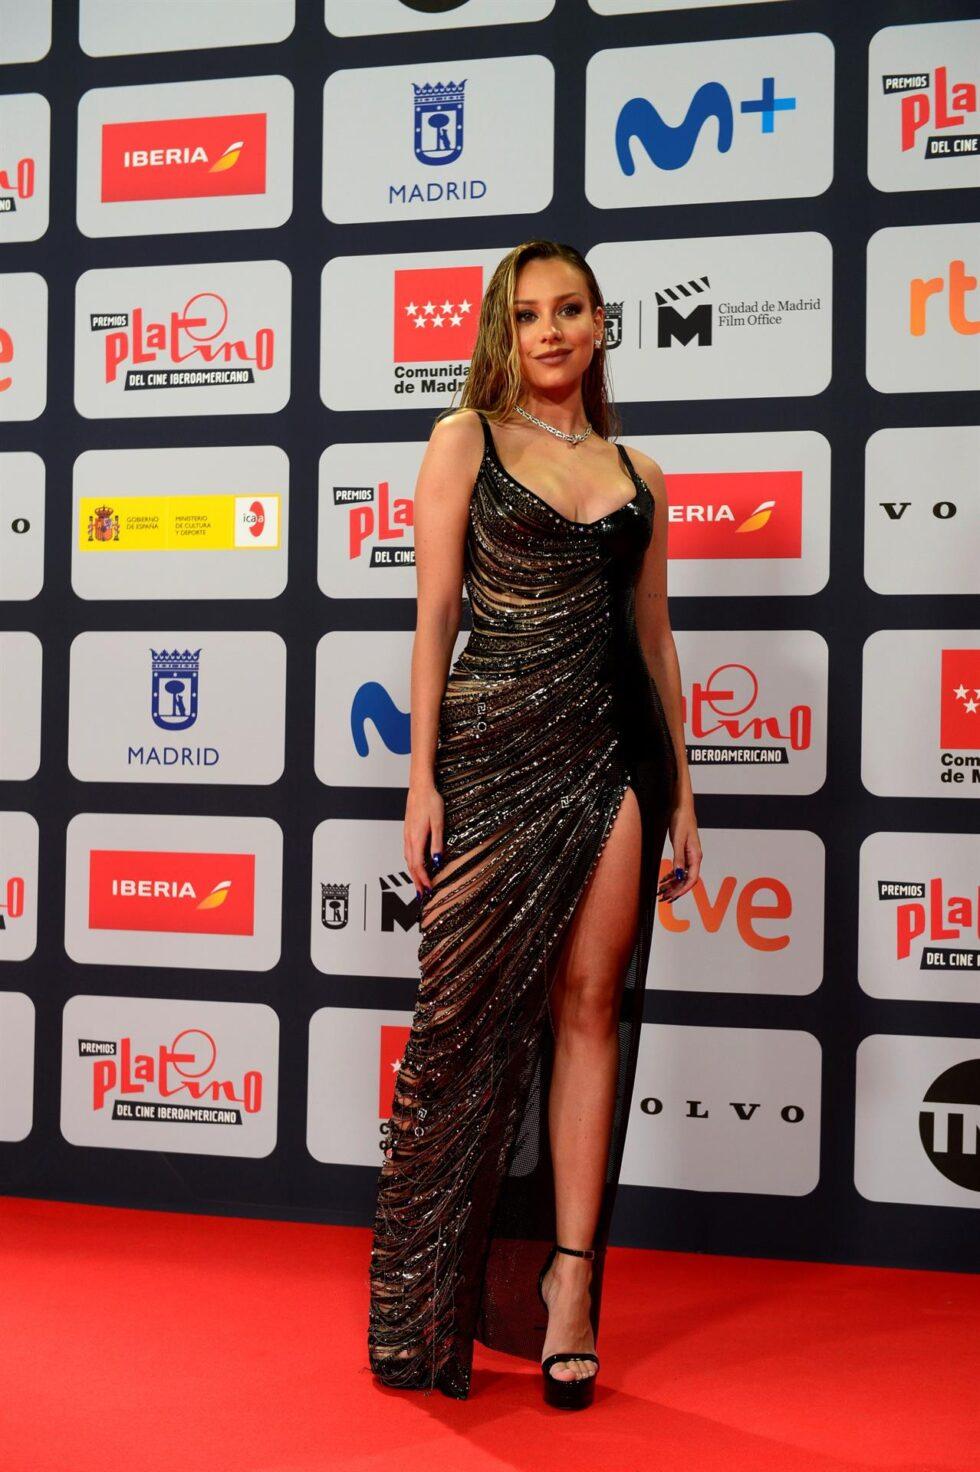 La actriz Ester Expósito, a su llegada a la ceremonia de entrega de los Premios Platino del Cine y el Audiovisual Iberoamericano que se celebra este domingo en Madrid